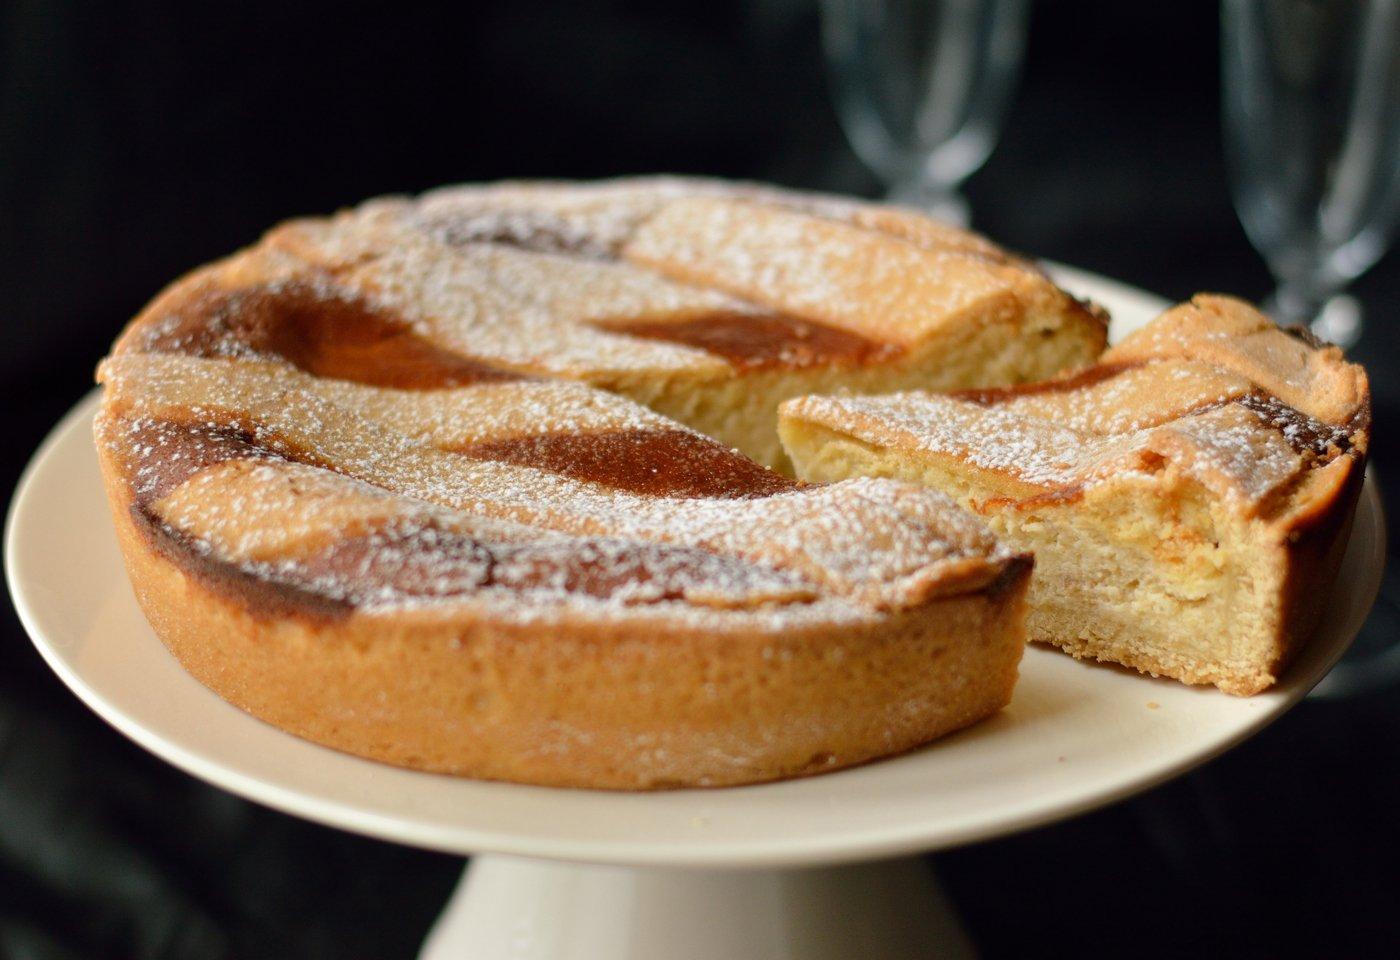 La Pastiera napoletana: storia, leggende, curiosità, ricetta e consigli del dolce più famoso della Pasqua